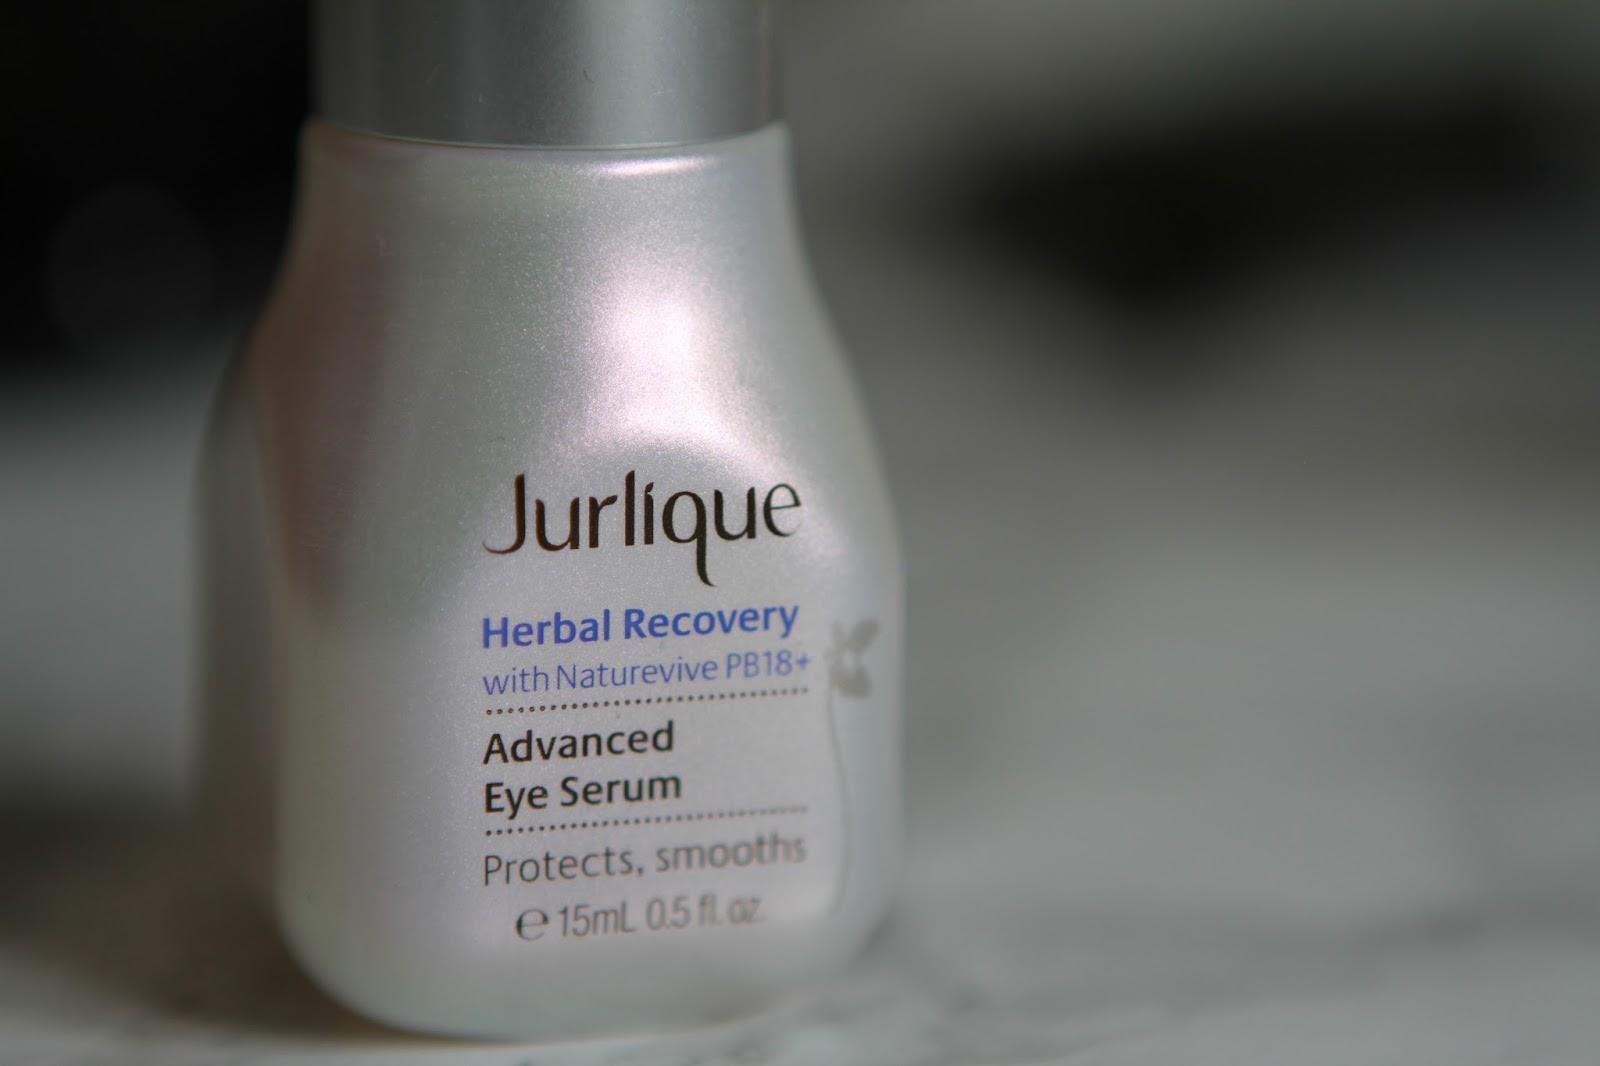 Jurlique Herbal recovery eye serum